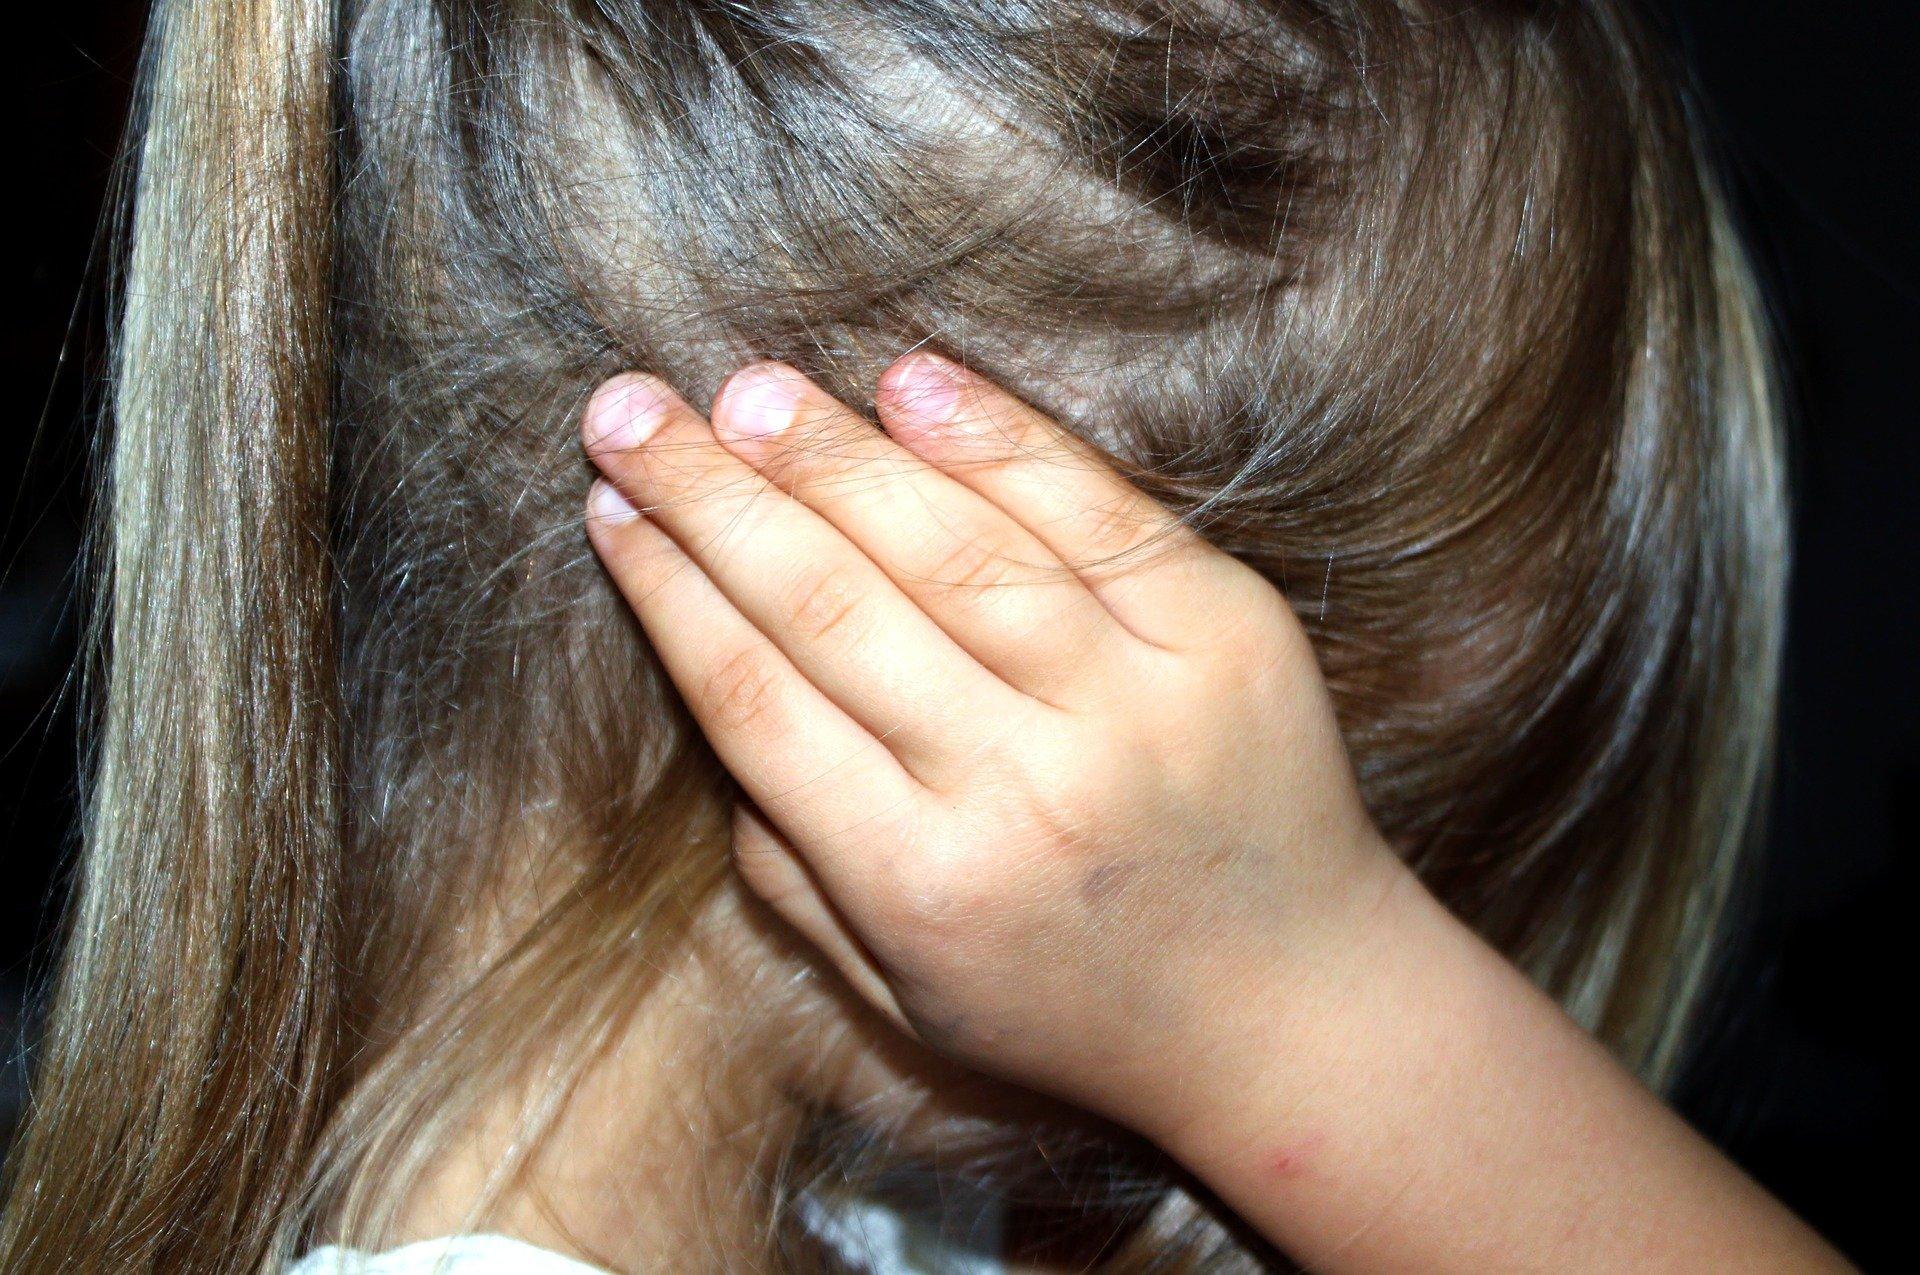 imagen niña temerosa de perfil tapandose los oidos con las manos